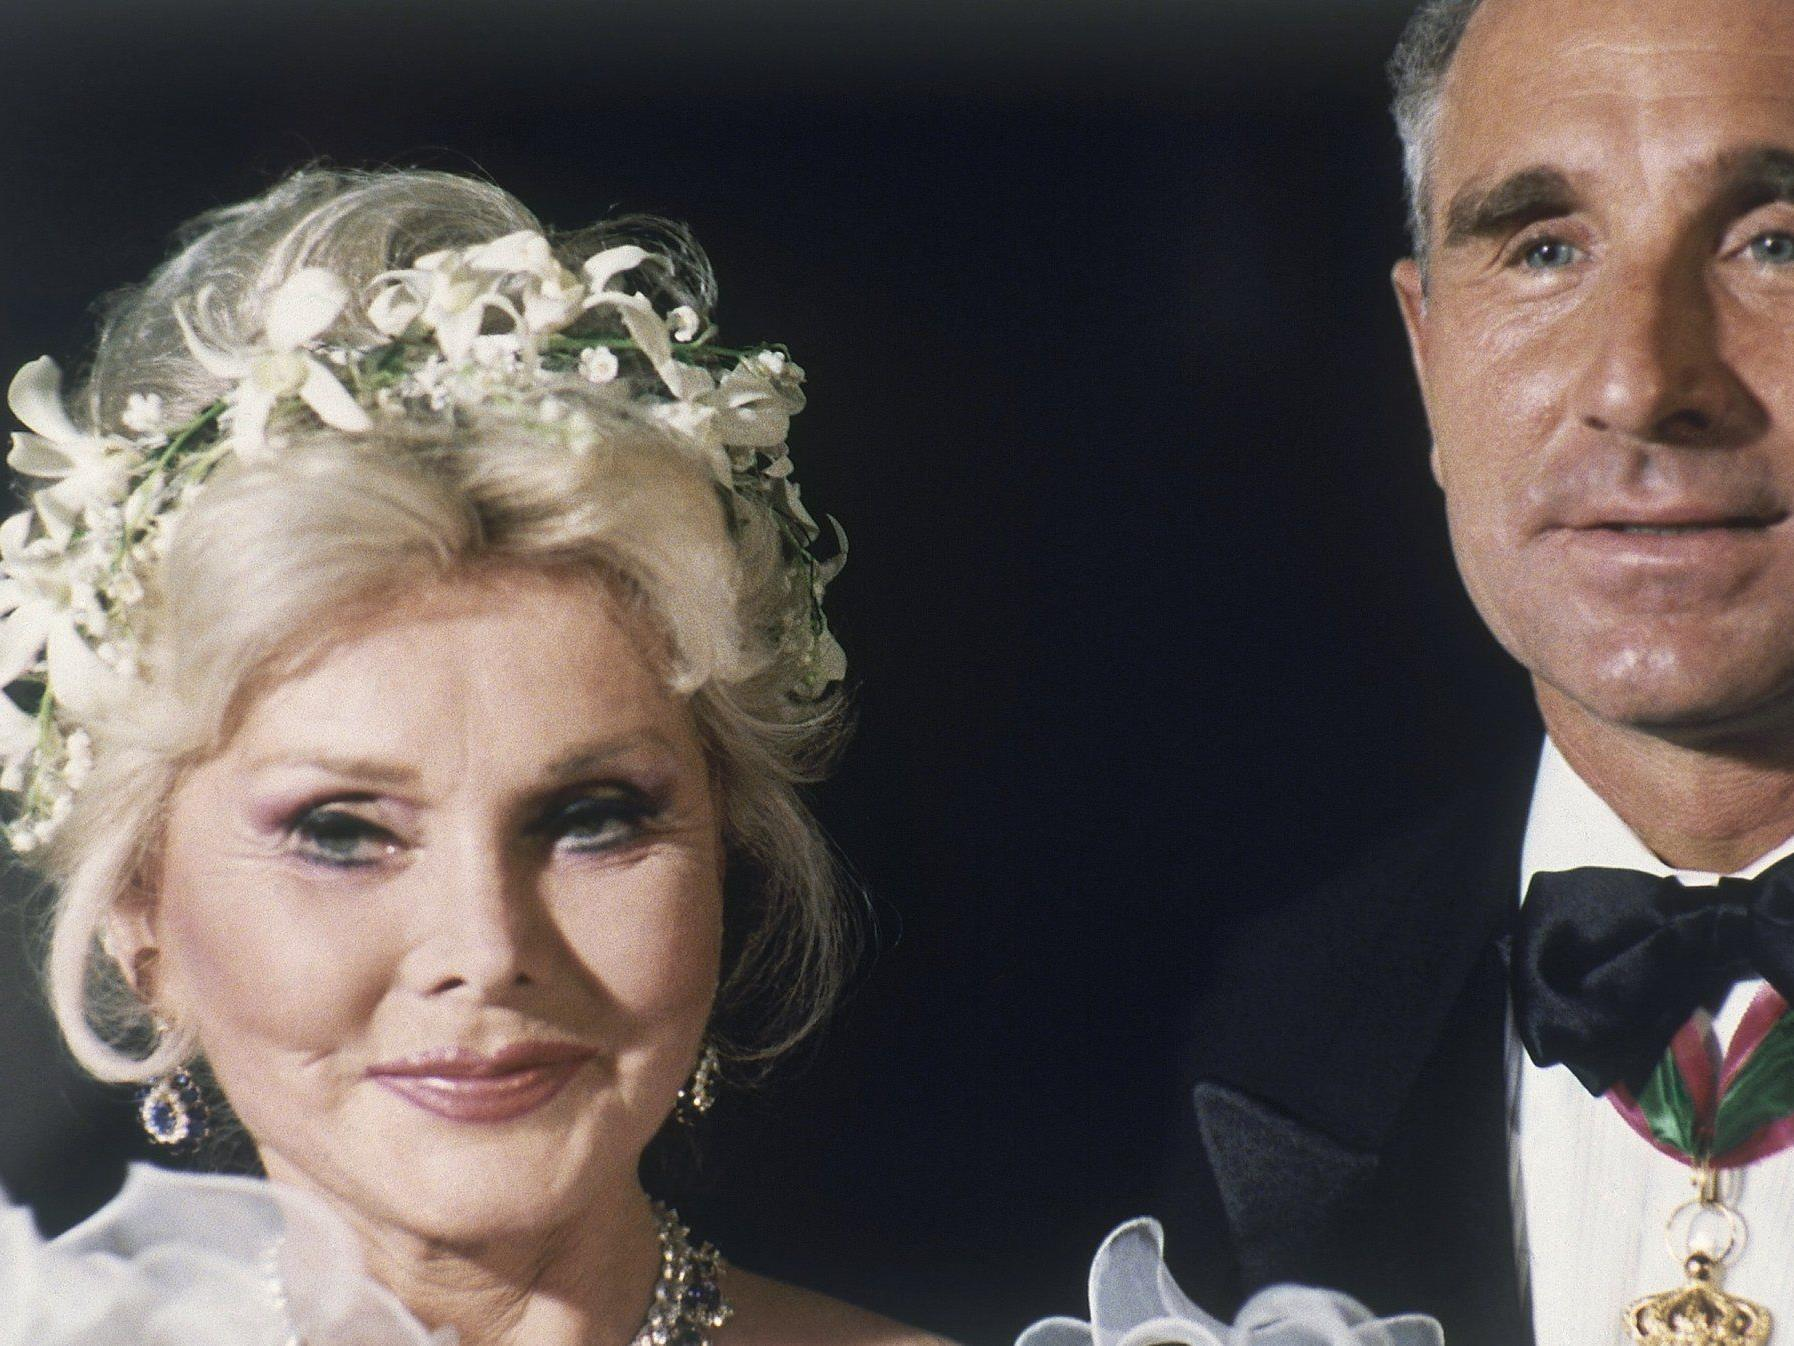 Zsa Zsa Gabor und Frederic Prinz von Anhalt an ihrem Hochzeitstag.